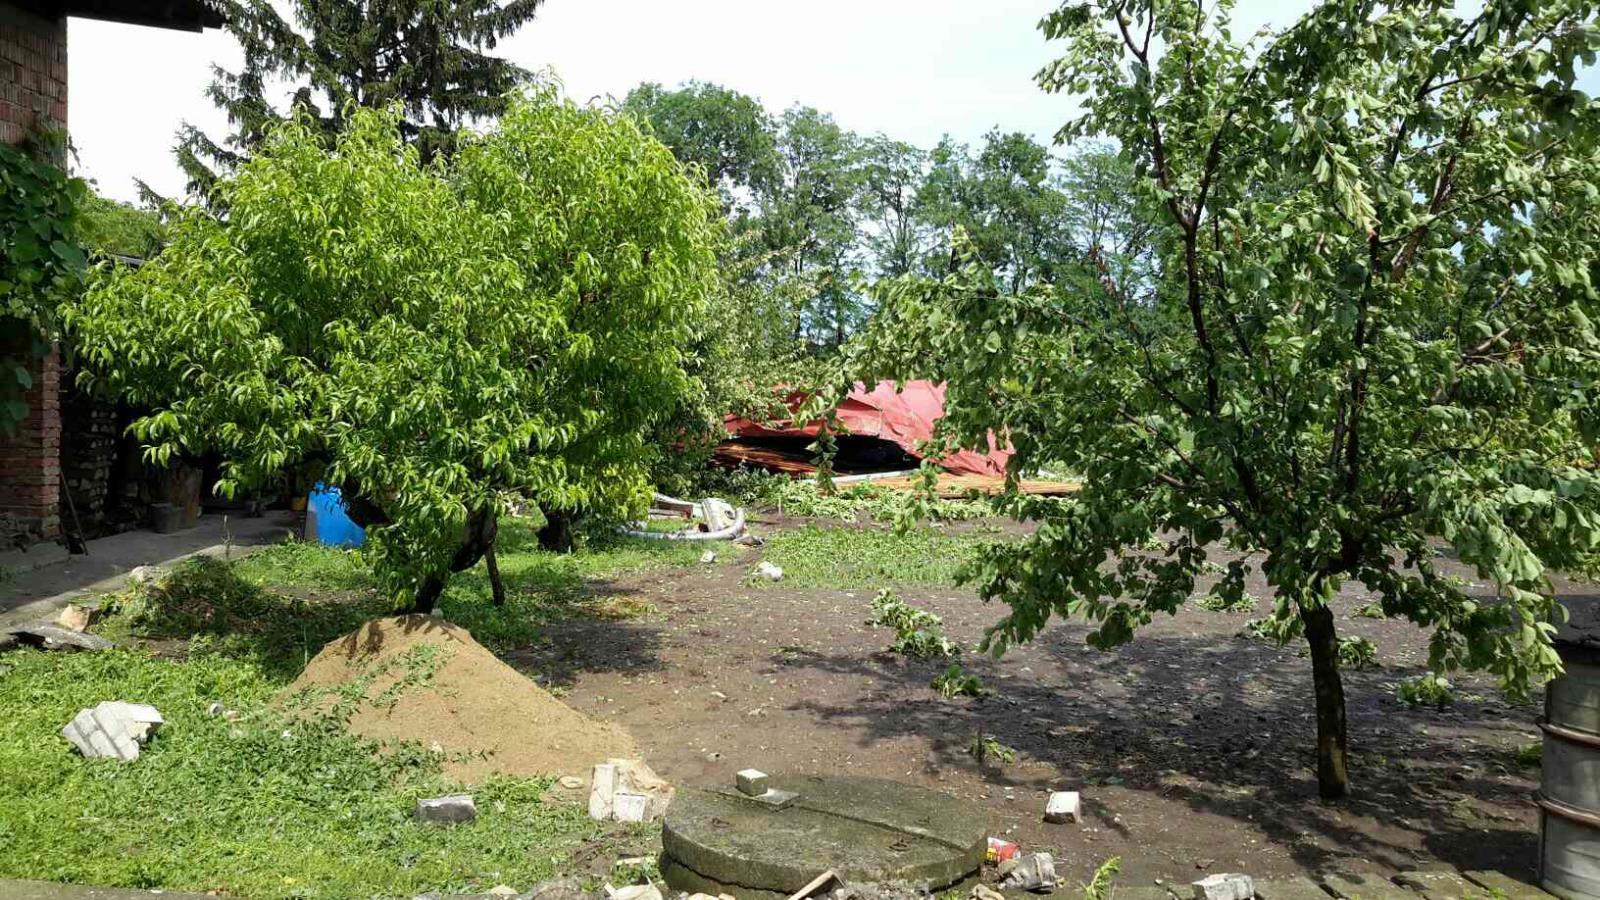 Bouřky a lokální průtrže mračen působí problémy po celém kraji